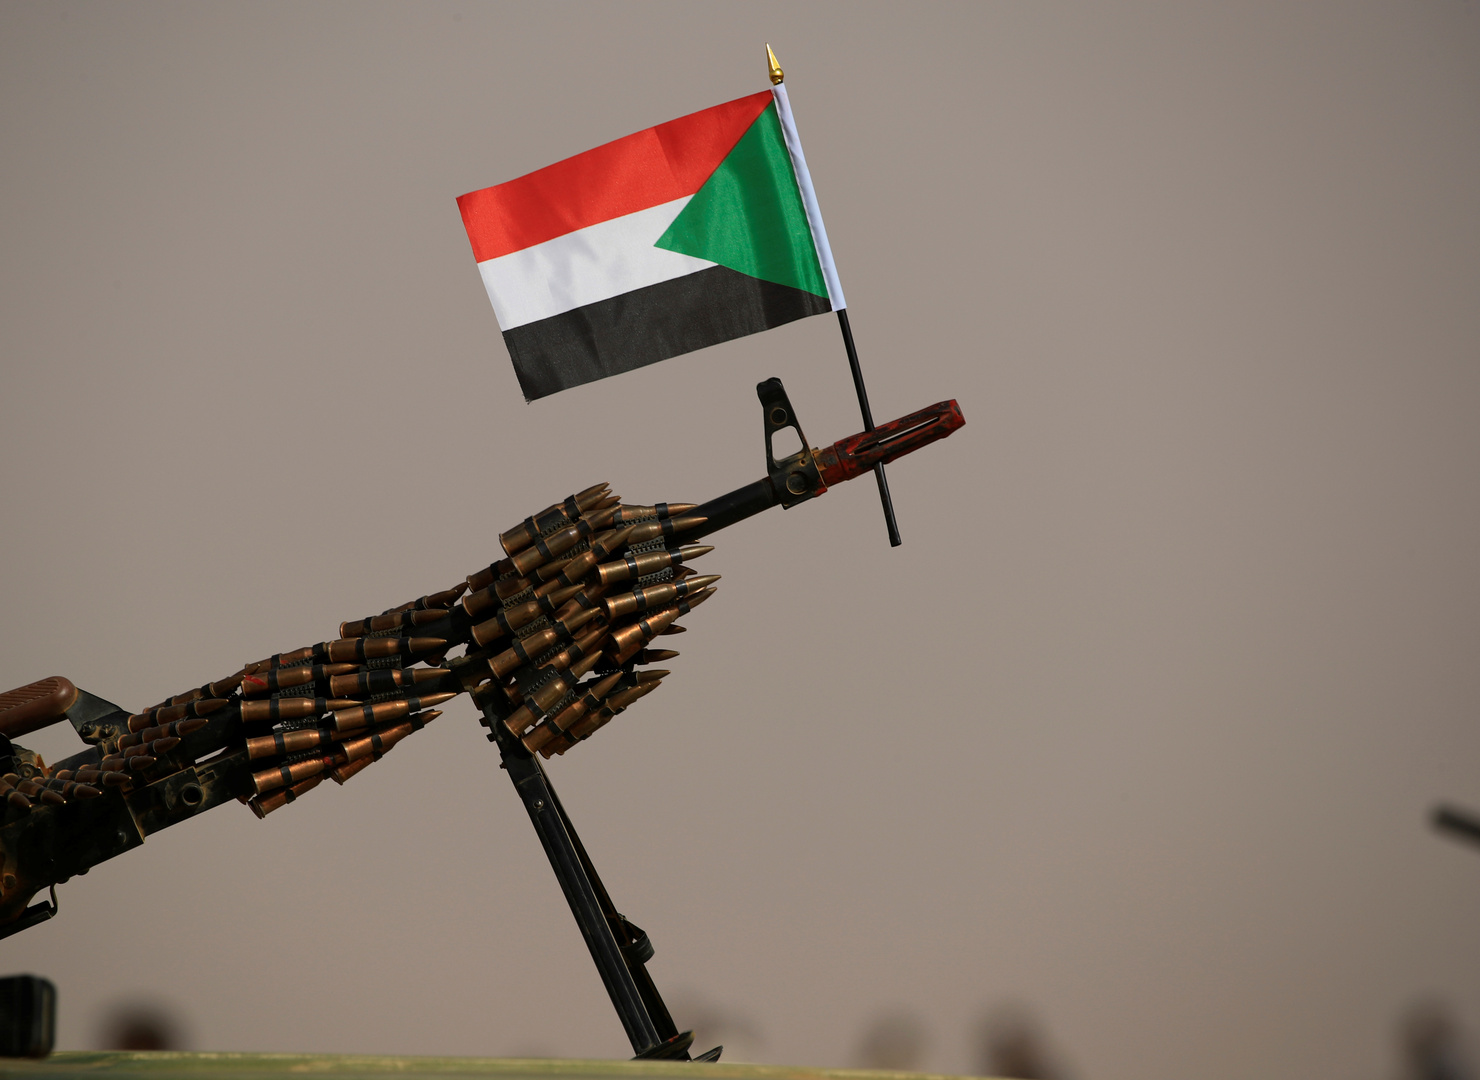 الجيش السوداني يطالب بمحاسبة المشككين بتحركاته على الحدود مع إثيوبيا